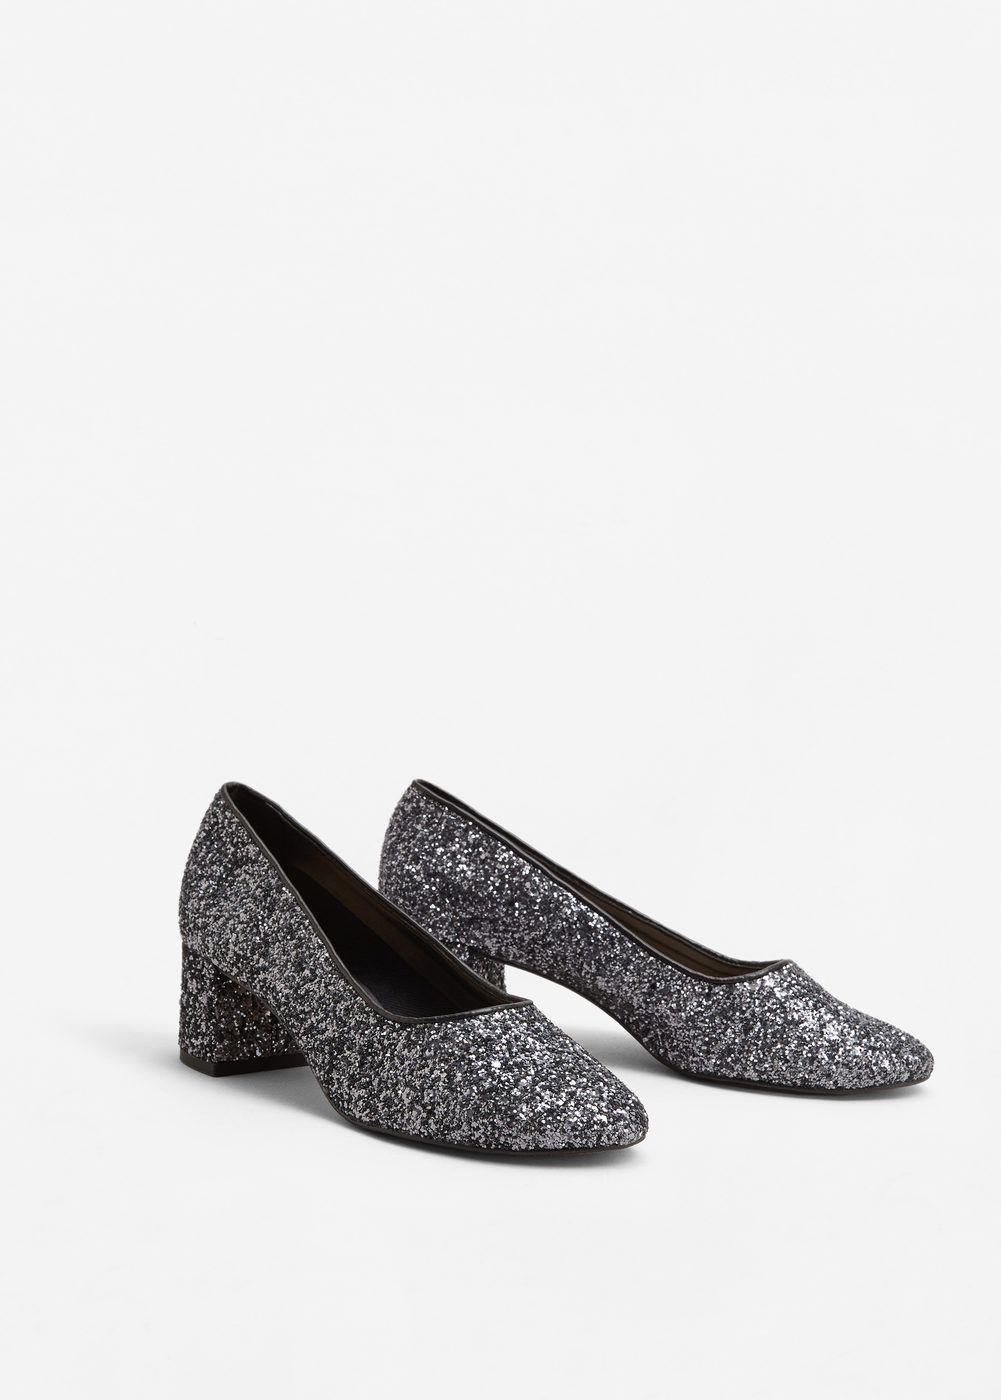 Pantofi Cu Toc Sclipici Femei Shoes Pinterest Shoes